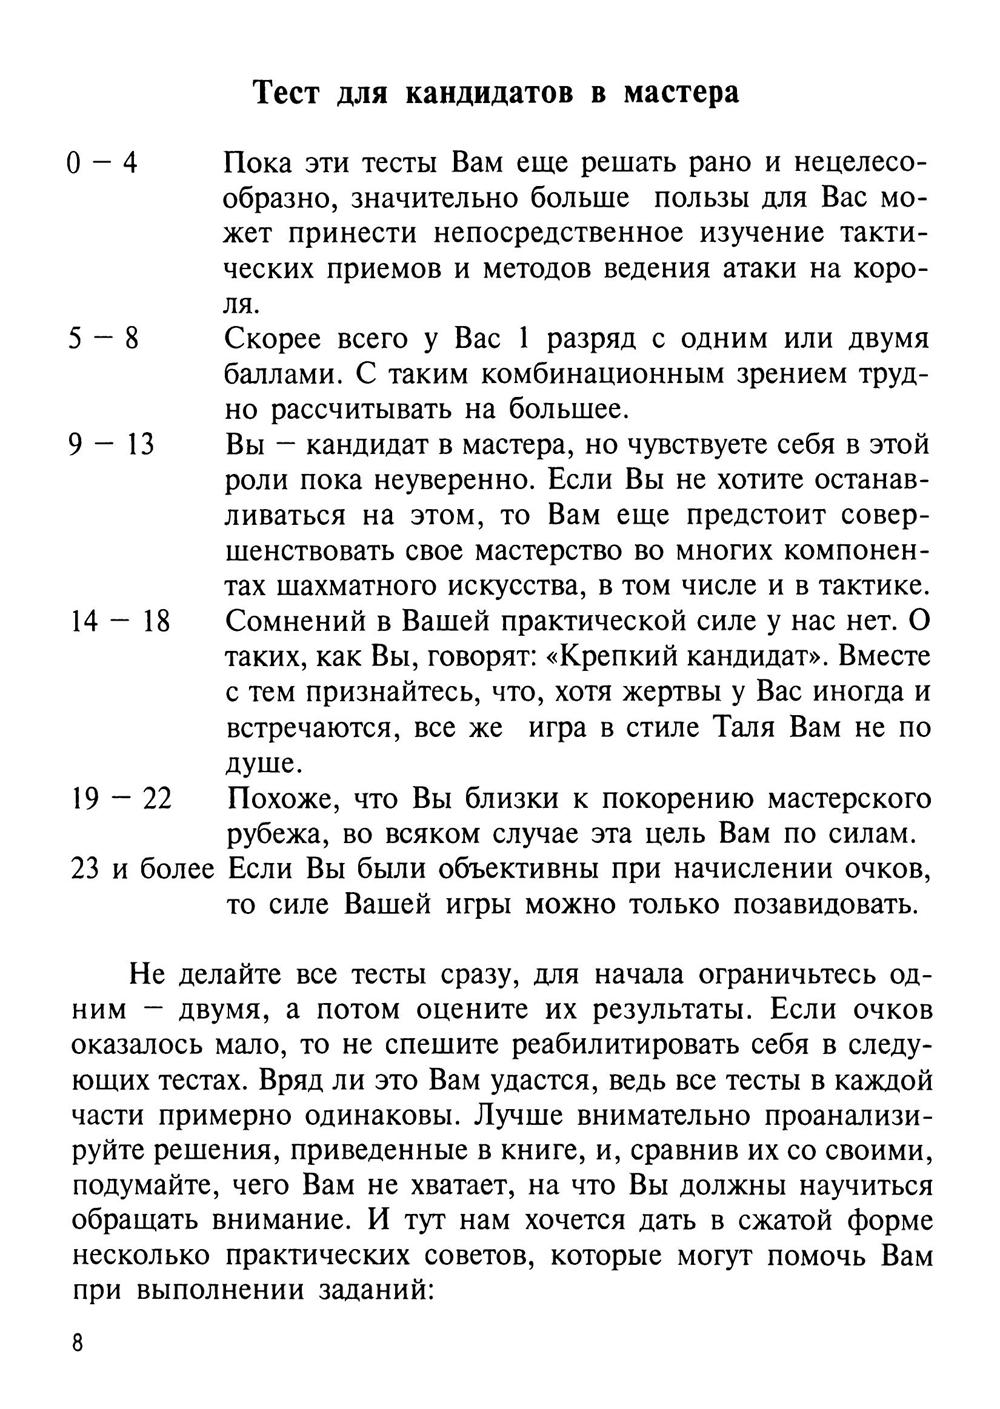 https://ipic.su/img/img7/fs/Testypotaktikedlyavysokokvalificirovannyhshahmatistov_009.1598366357.jpg